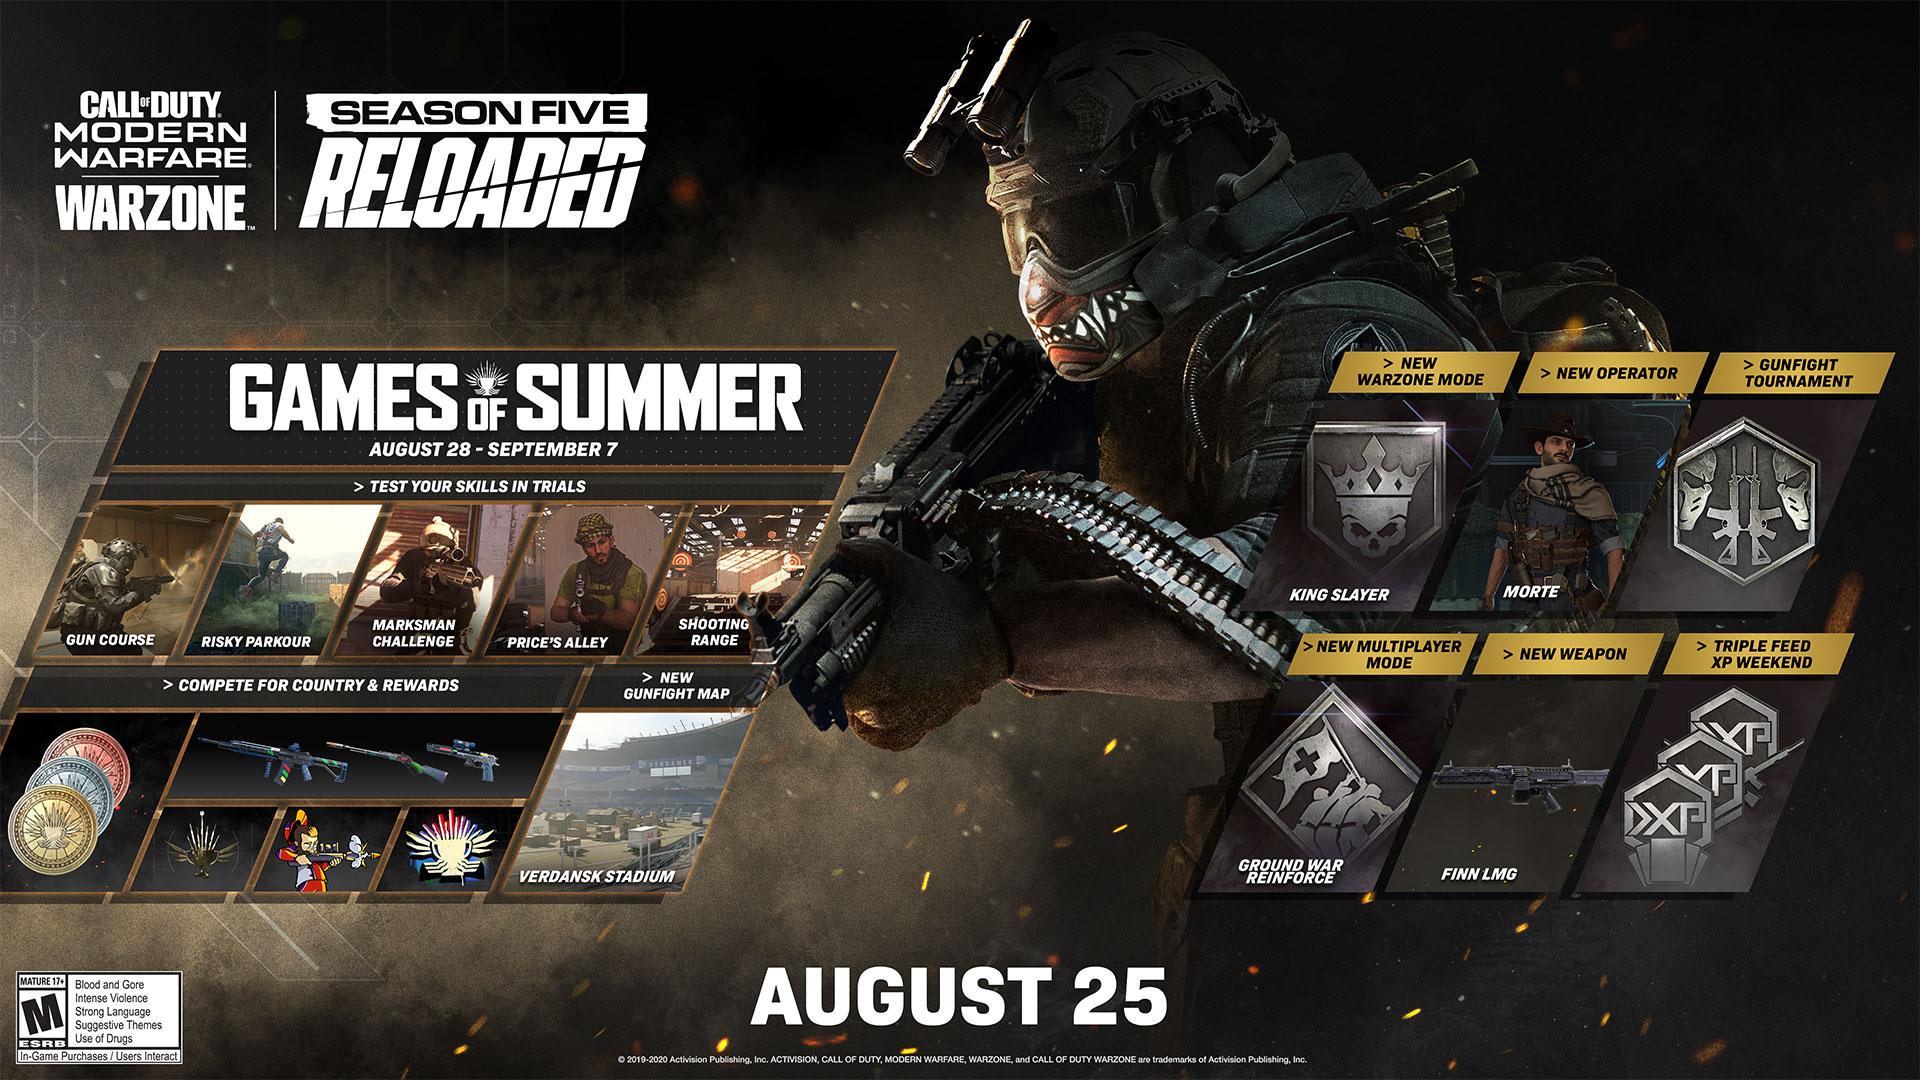 Warzone and Modern Warfare Season 5 Reloaded roadmap